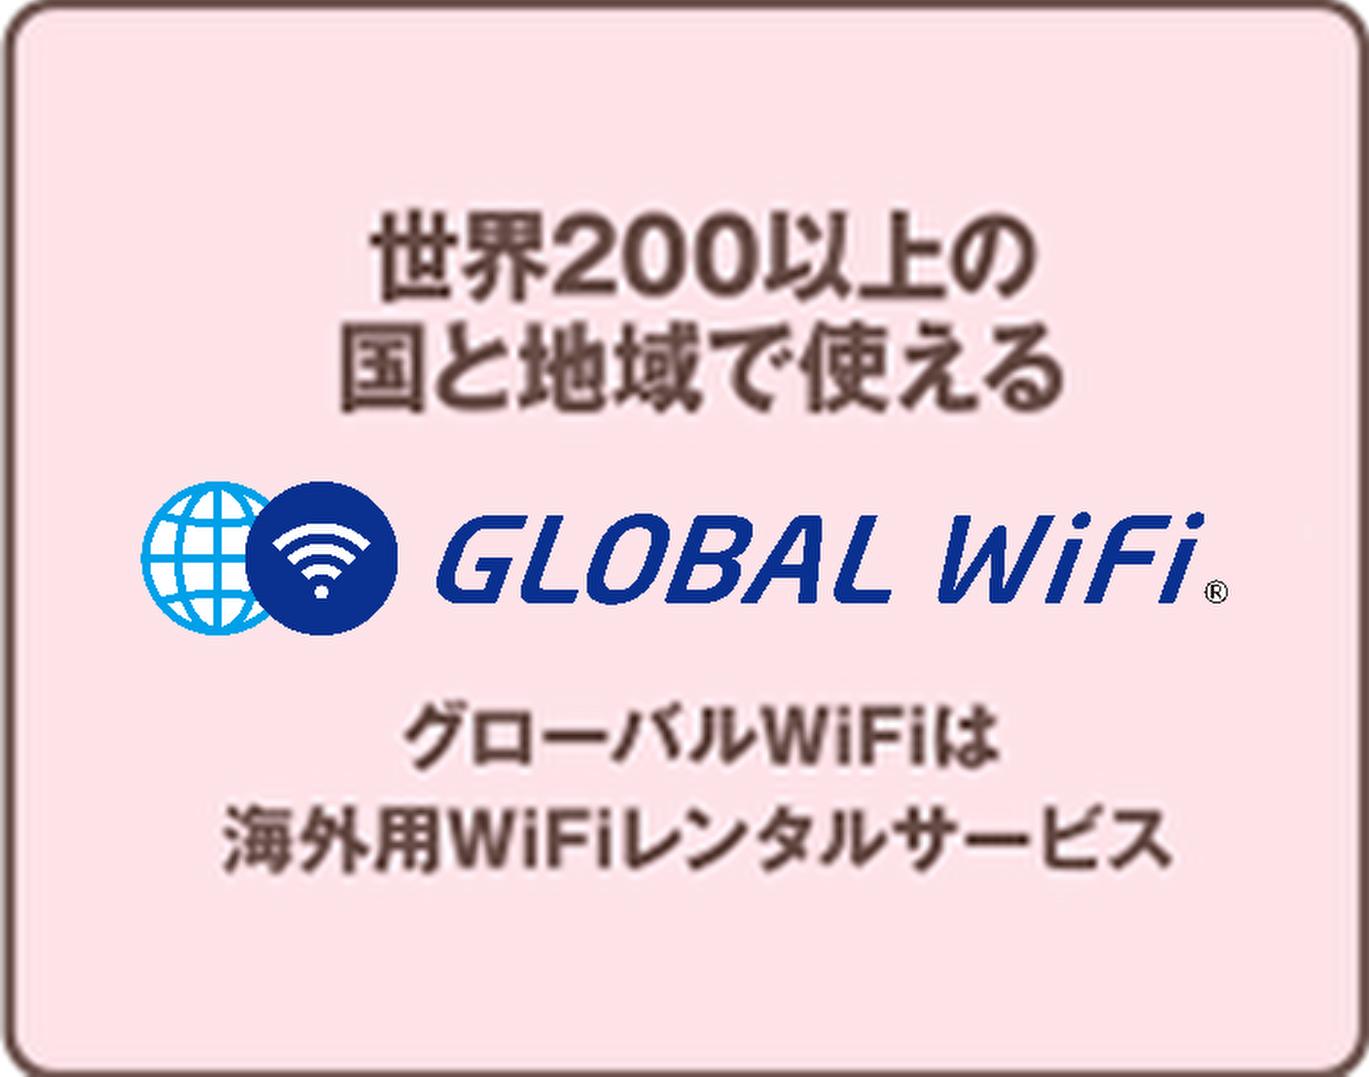 世界200以上の国と地域で使えるGLOBAL WiFi 海外WiFiレンタルサービス